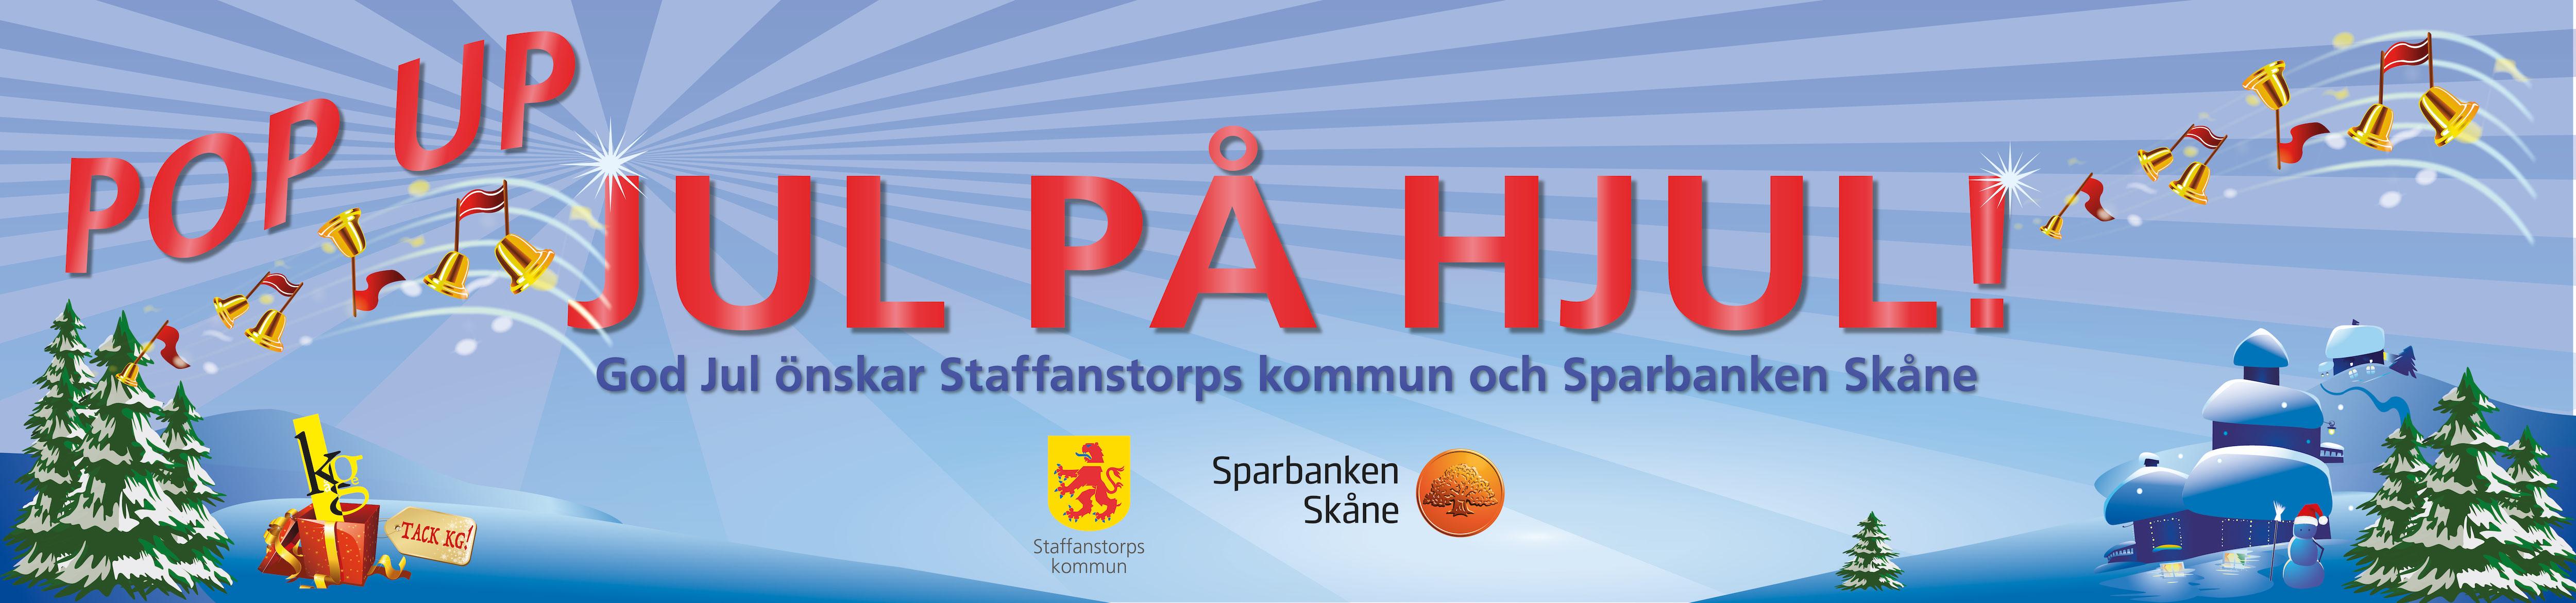 Banner för popup jul på hjul.